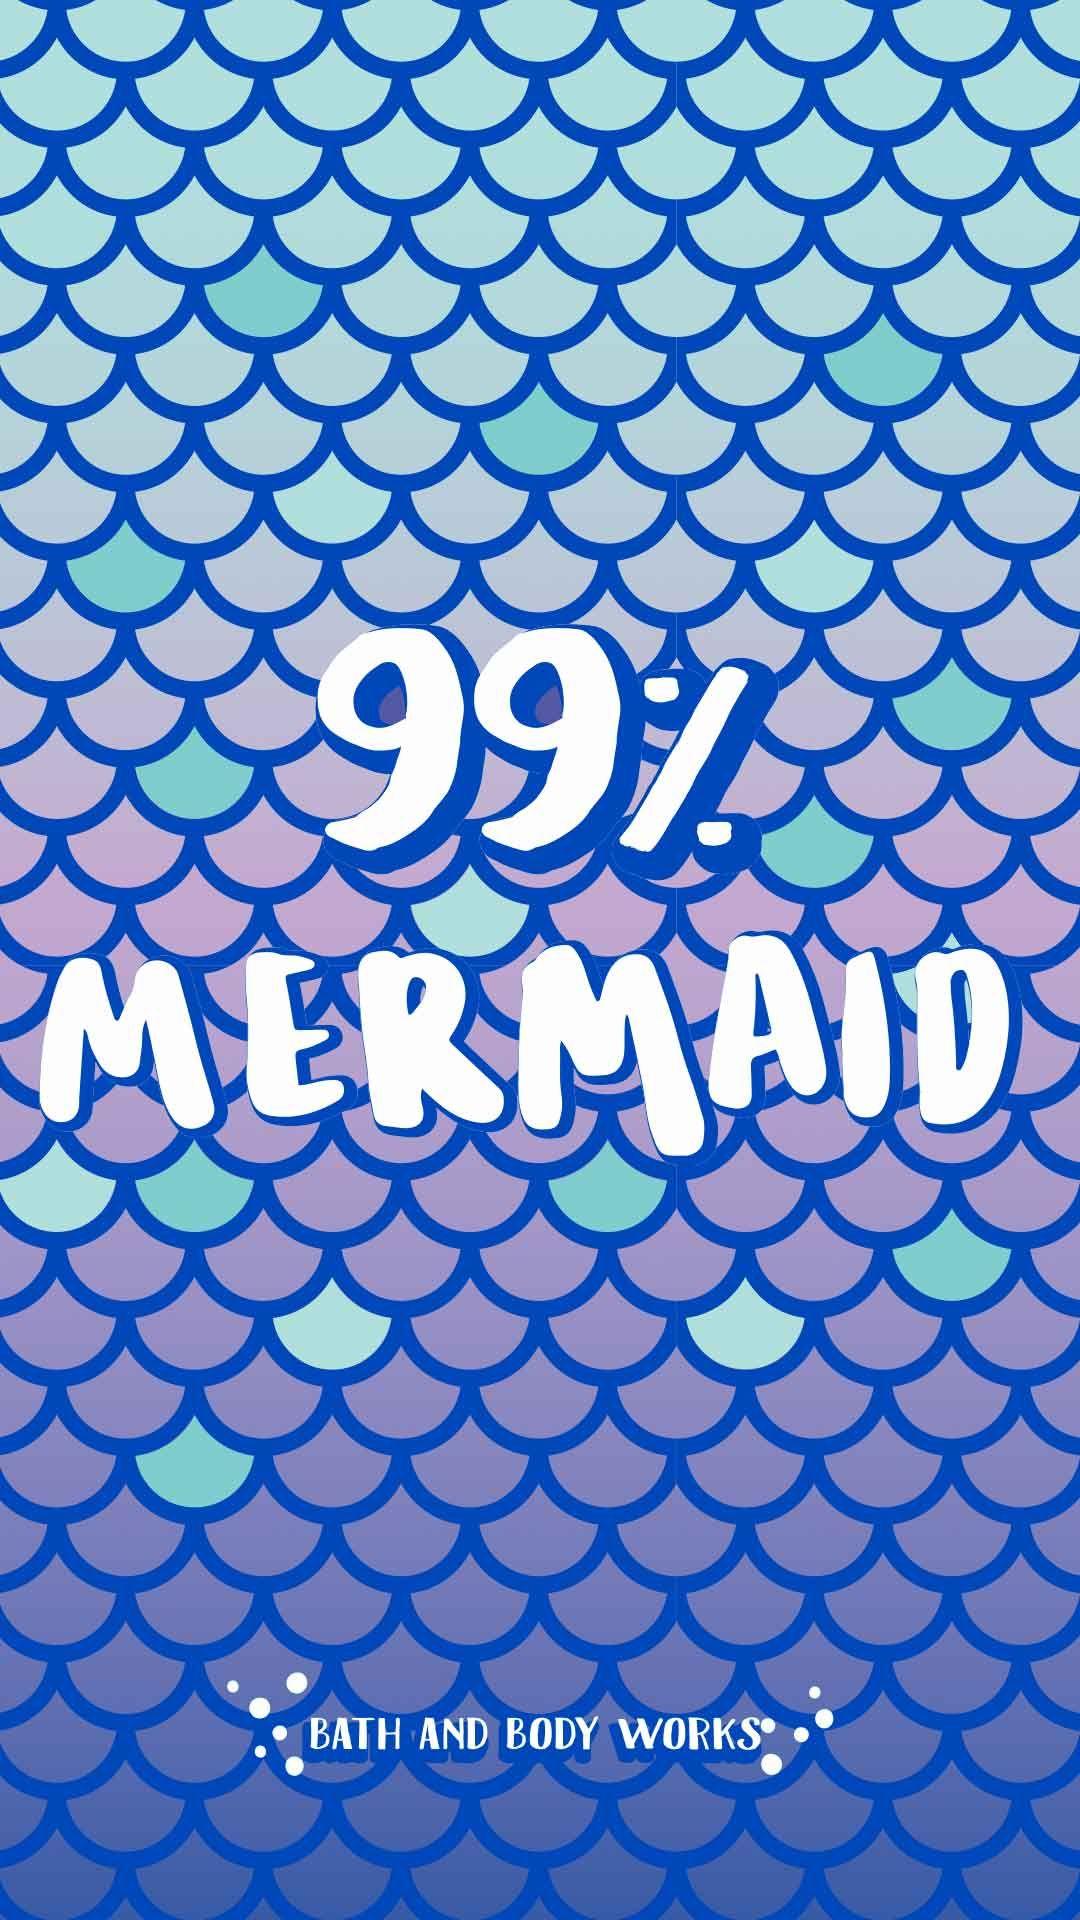 99 Mermaid Iphone Wallpaper Mermaid Wallpapers Mermaid Wallpaper Iphone Words Wallpaper